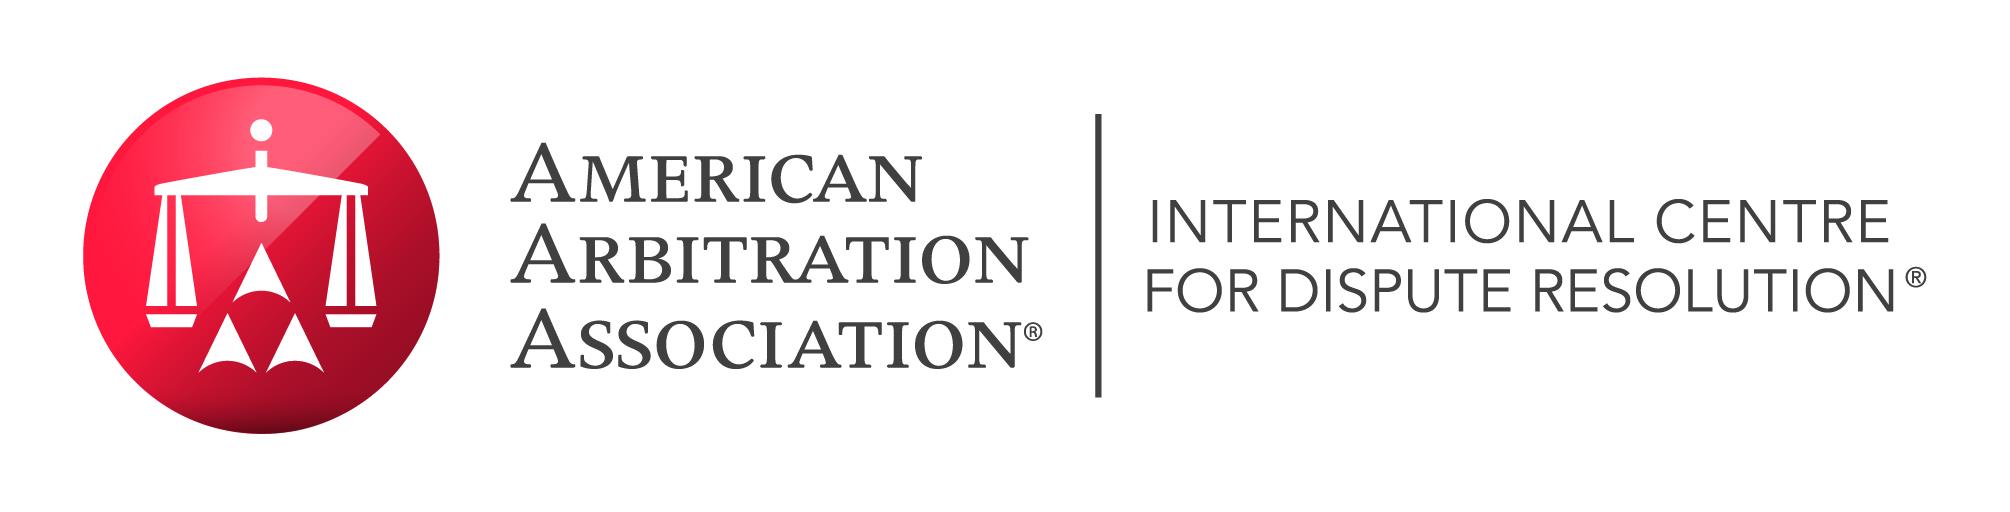 AAA_ICDR_Logo_Print (1) (003).jpg